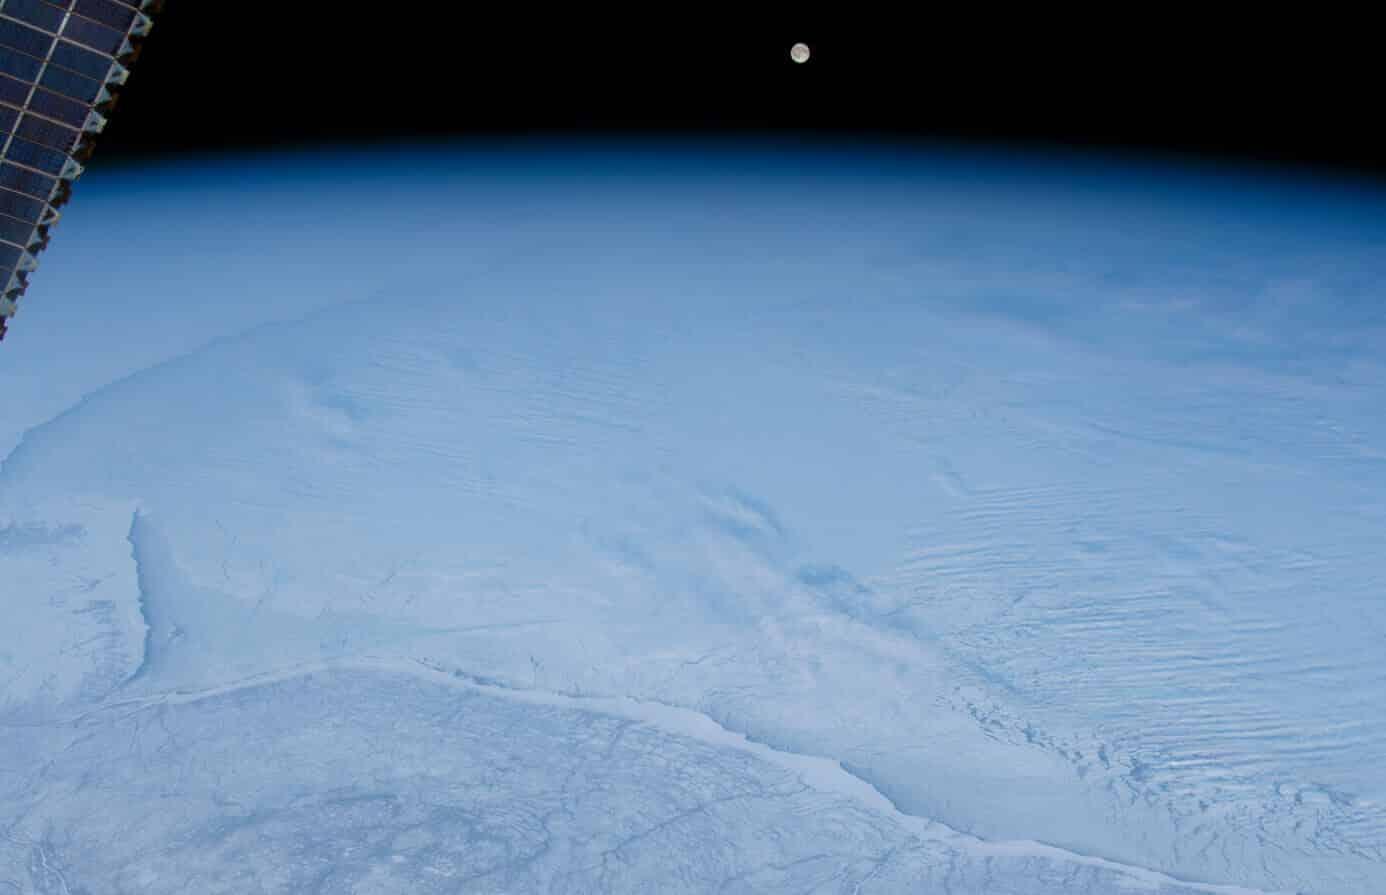 NASA image reveals 'otherworldly' moonrise over frozen Canada